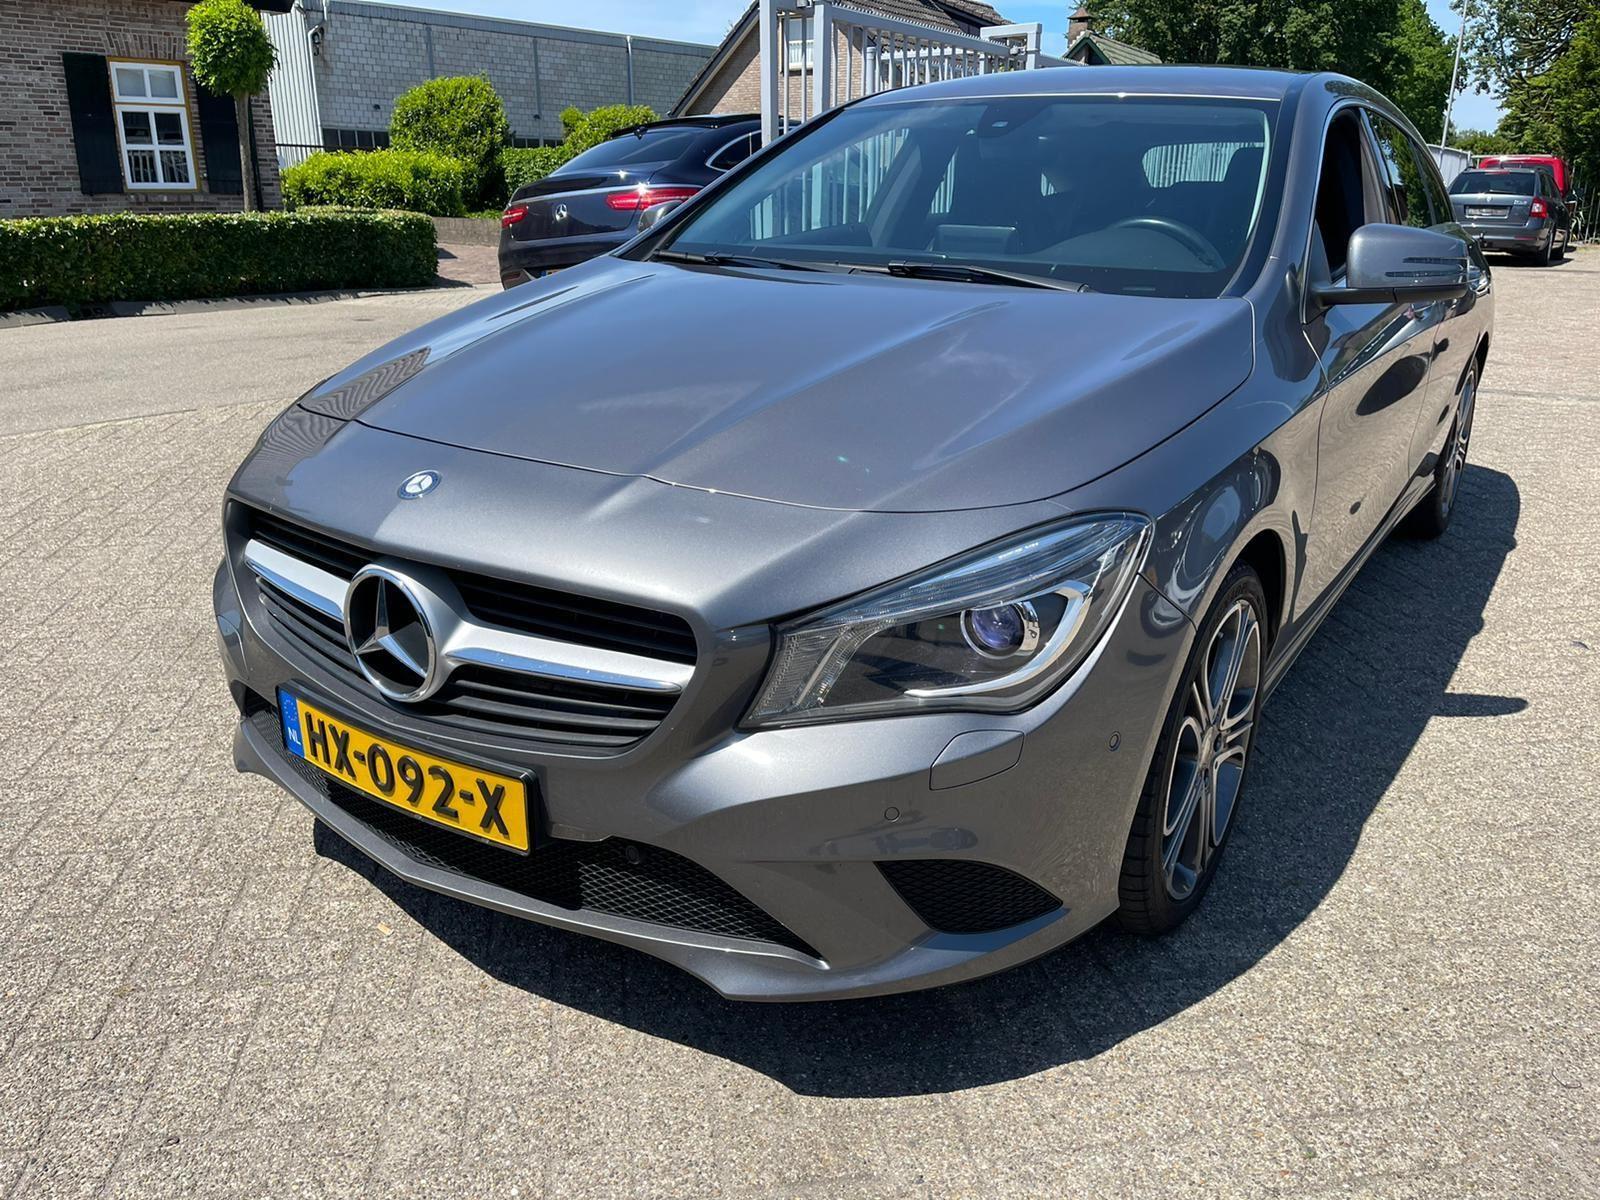 Mercedes-Benz CLA-klasse Shooting Brake occasion - DDM Export B.V.